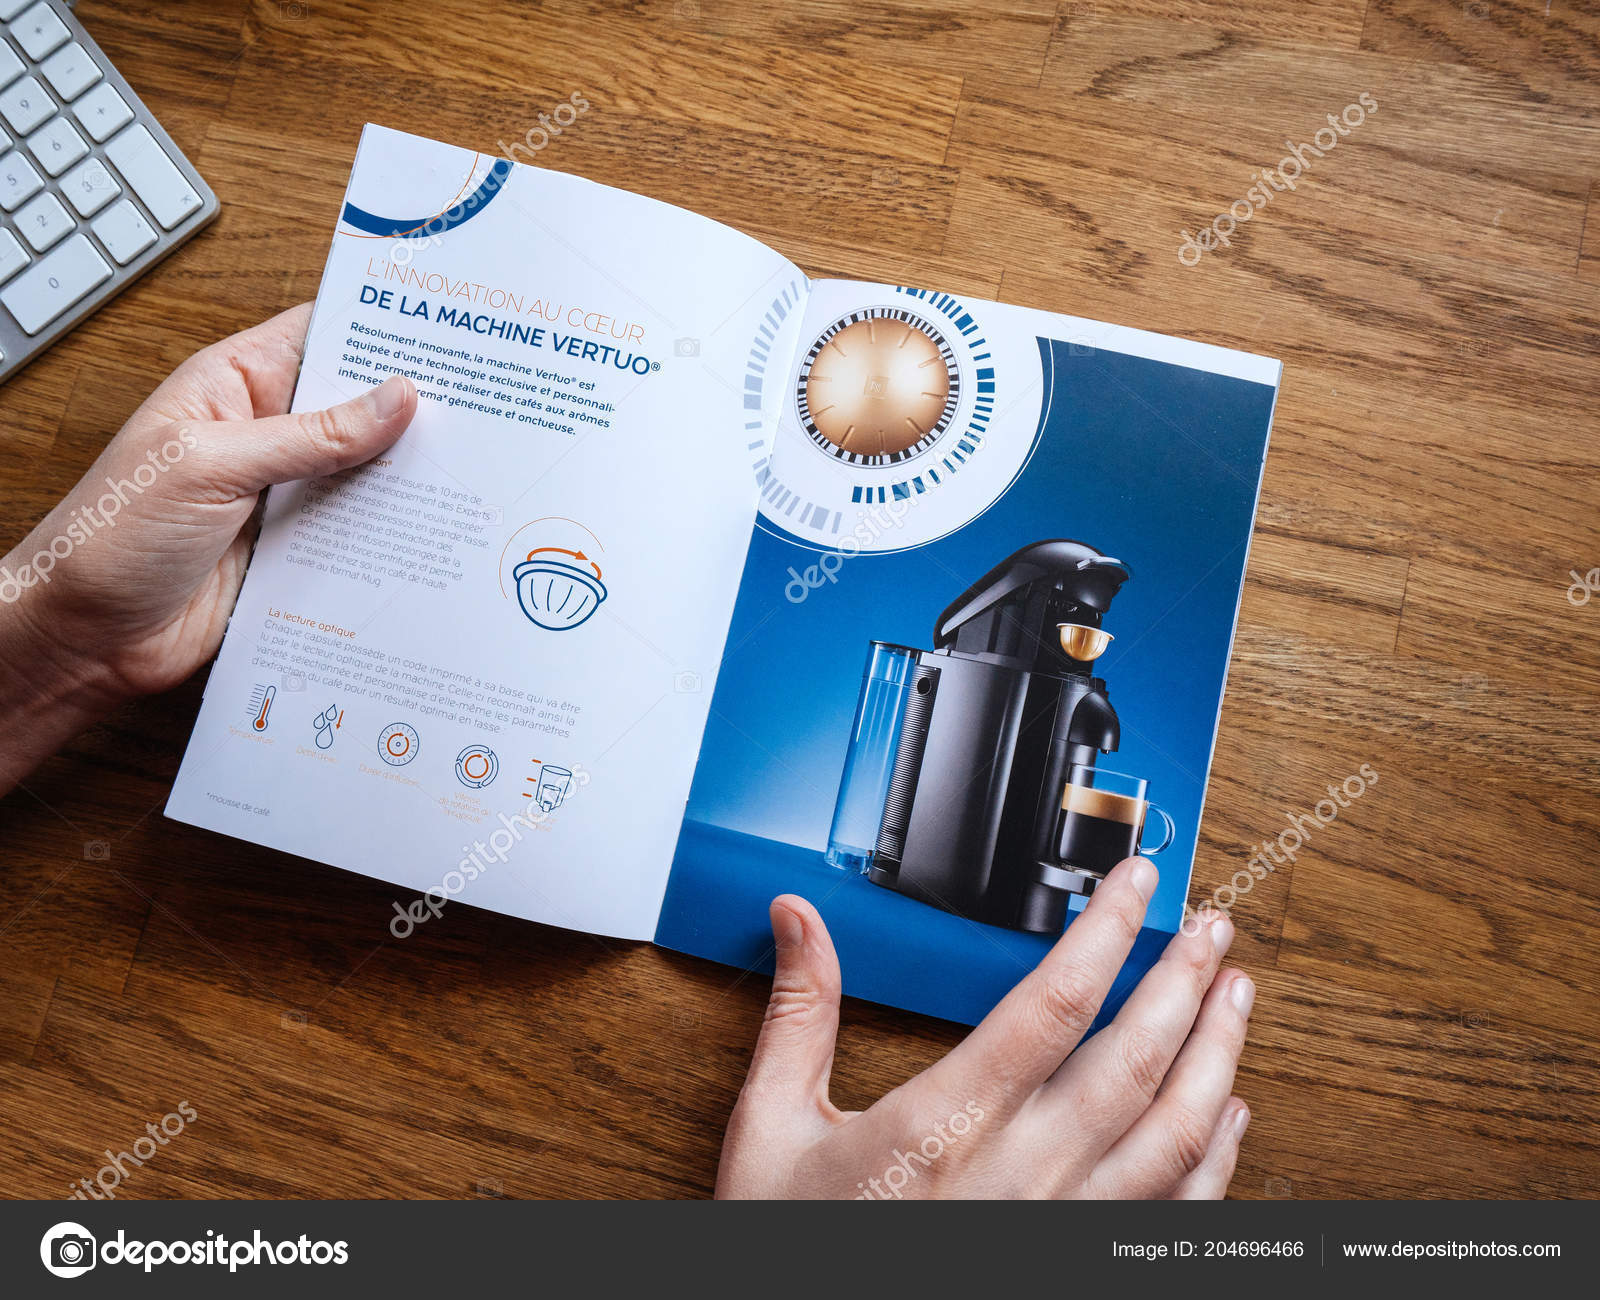 paris france jul 2018 view pov advertising leaflet catalogue